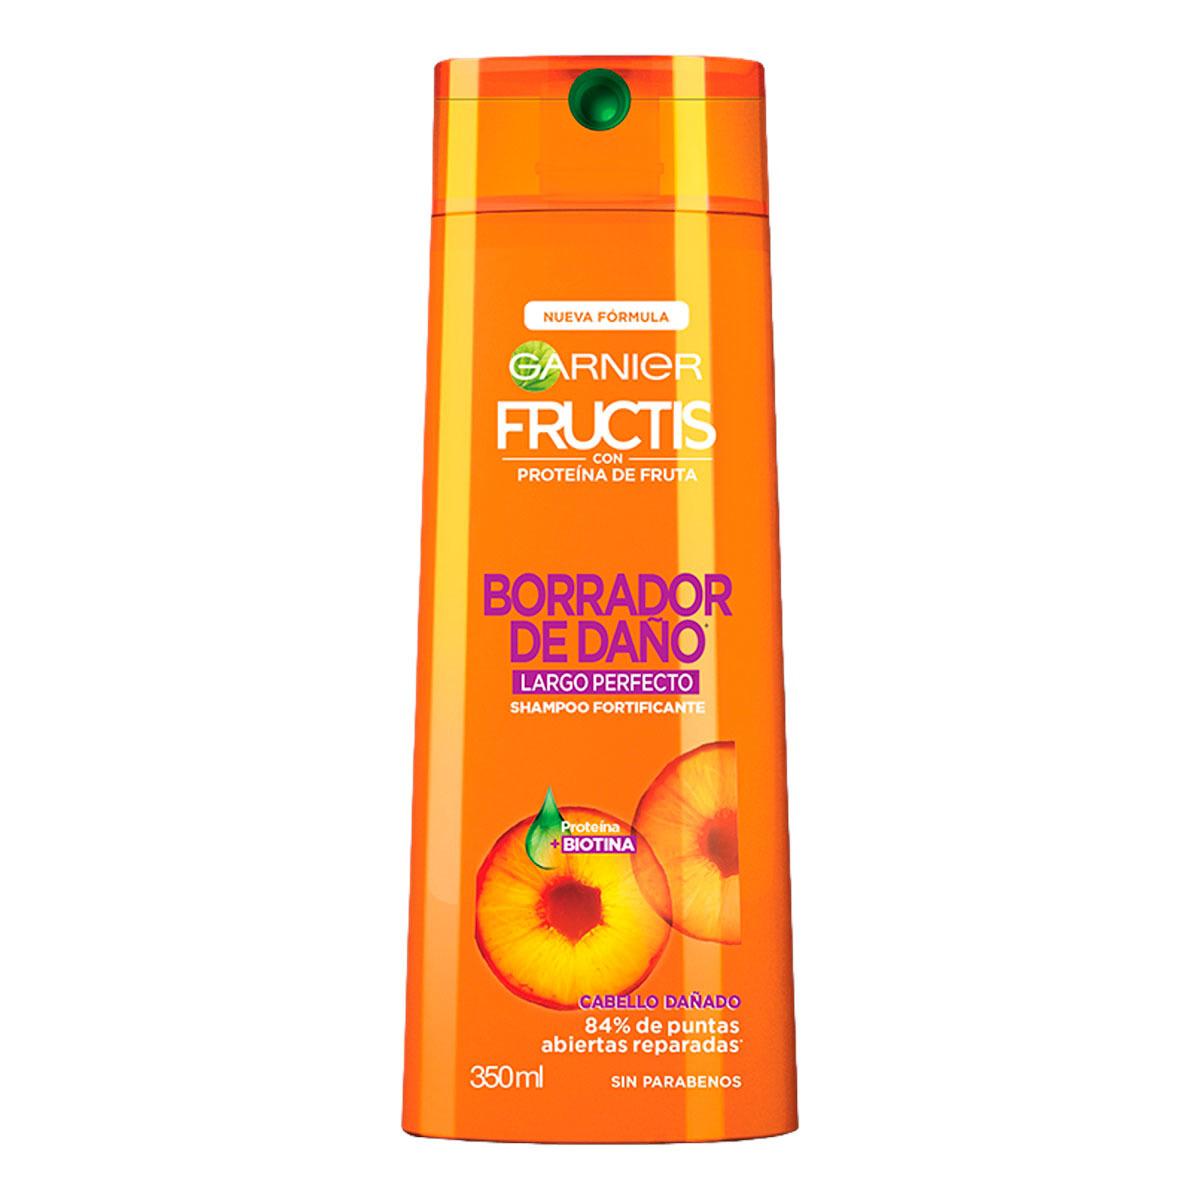 Comprar Fructis Borrador De Daño 1 Botella Shampoo 350 Ml